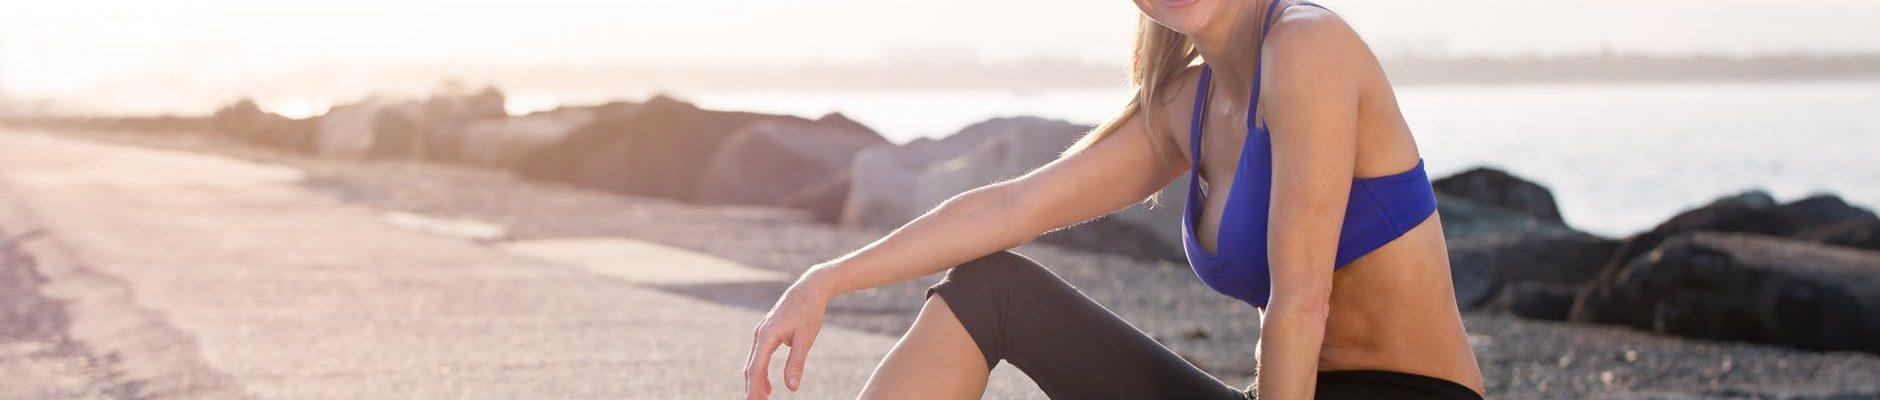 Otkrijte akupresurne točke kao prvu pomoć u mršavljenju!, Evo kako emocije utječu na gubitak kilograma!, Evo kako emocije utječu na gubitak kilograma!, Evo kako emocije utječu na gubitak kilograma!Moćni shake za sagorjevanje masnoća! (RECEPT)